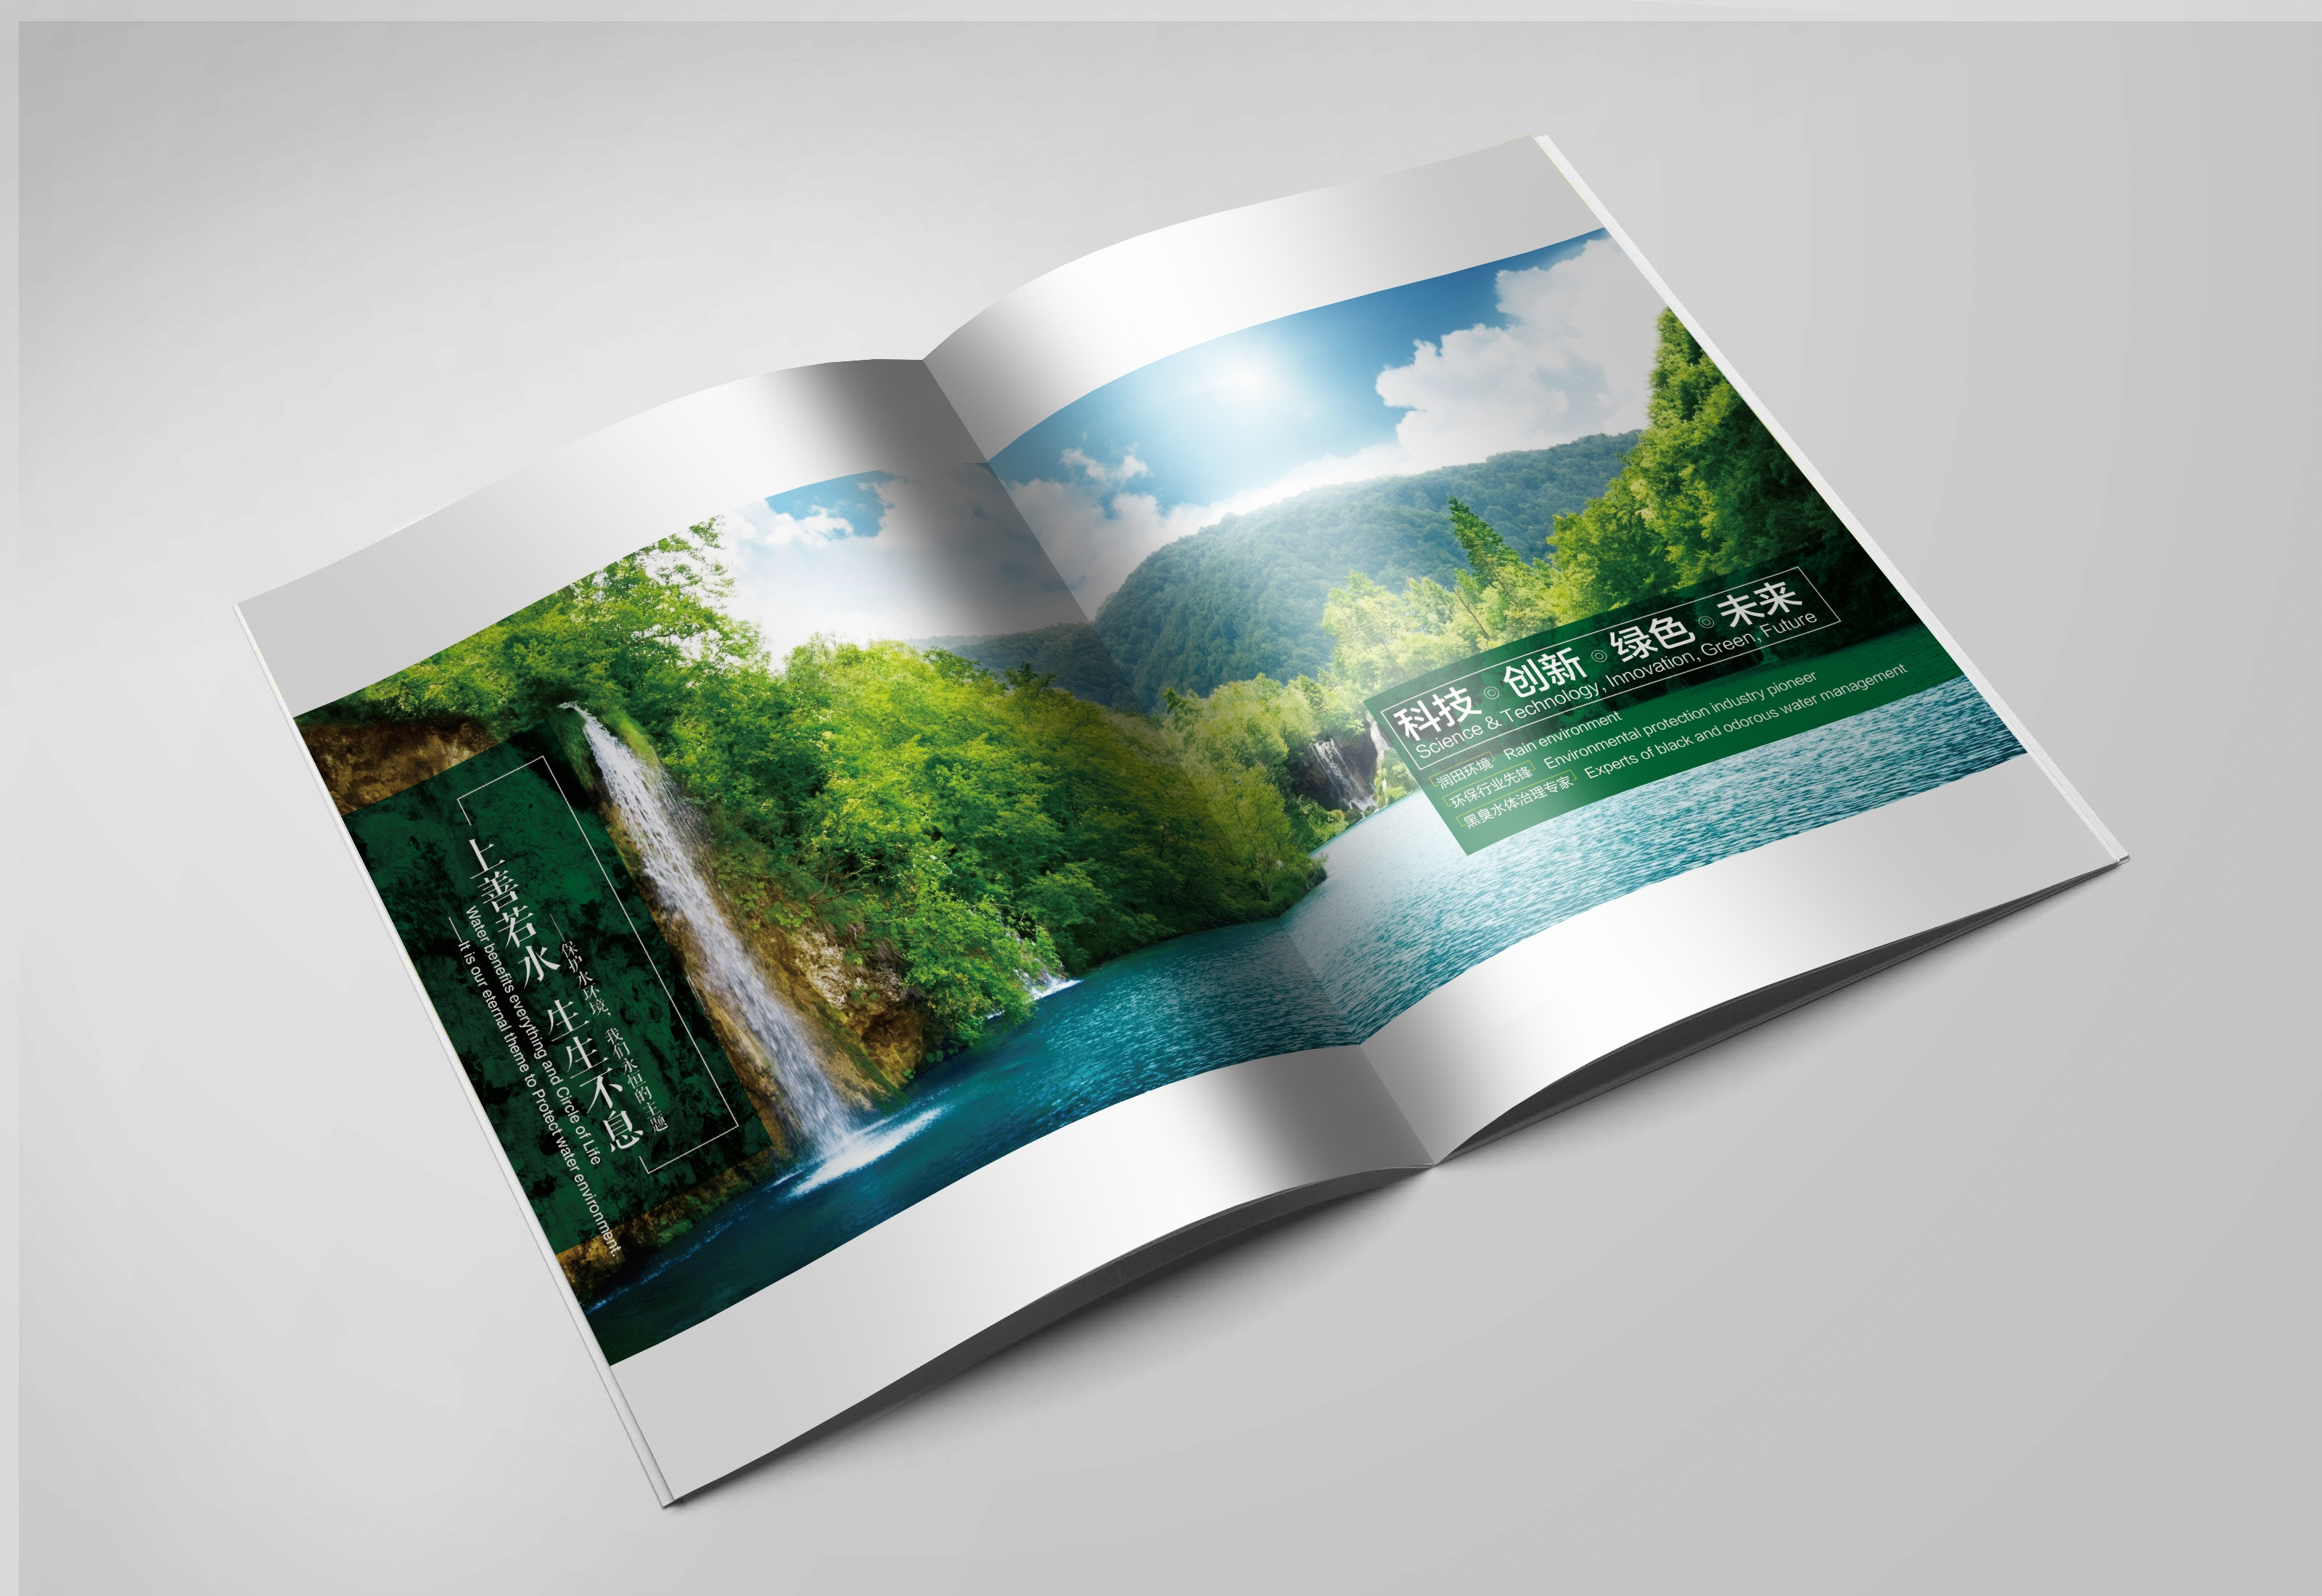 宣传册宣传画册招商手册海报封套企业内刊封面设计企业画册设计